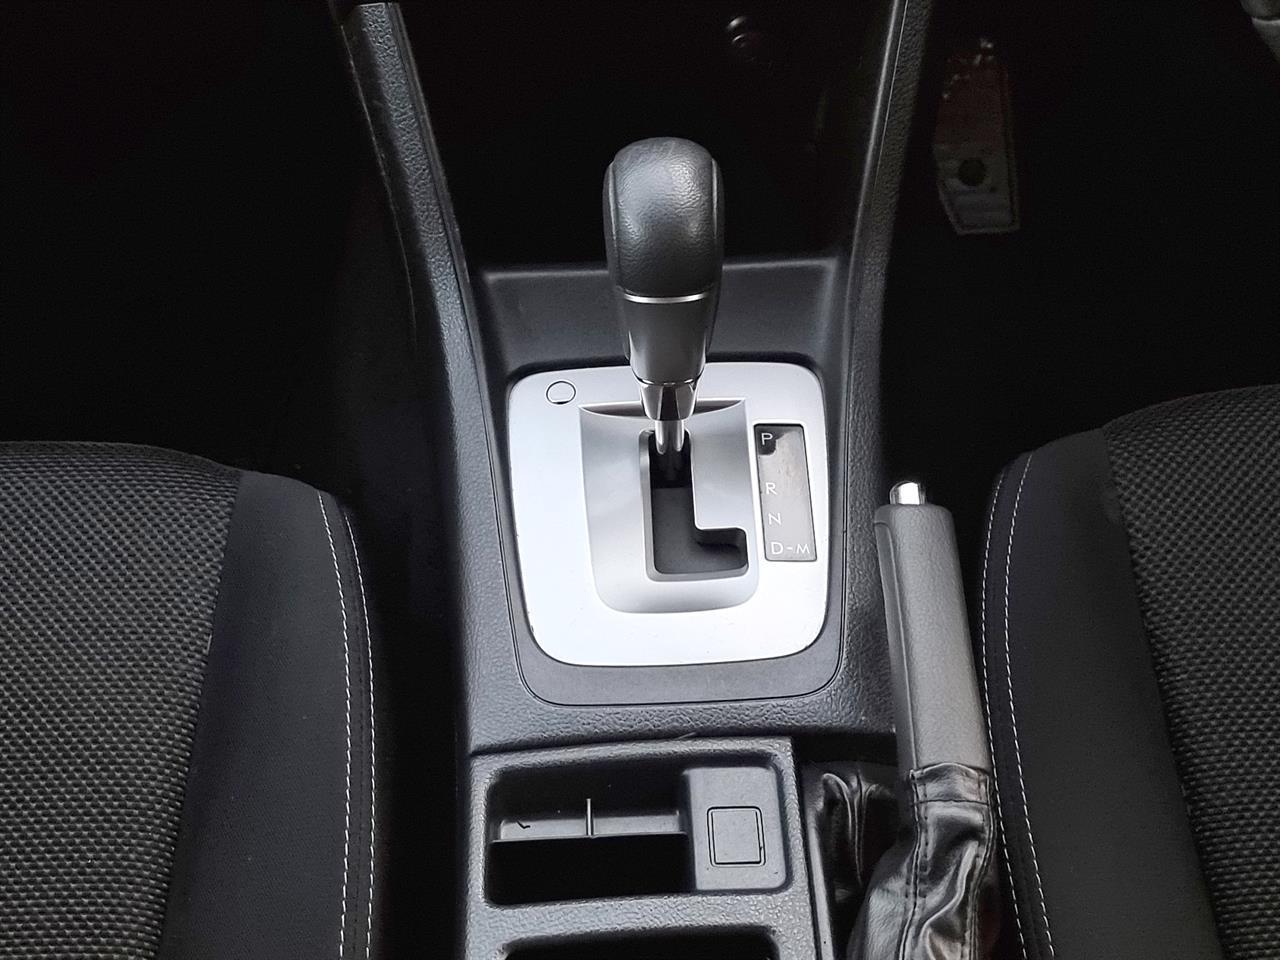 image-14, 2014 Subaru XV Hybrid 4WD at Christchurch